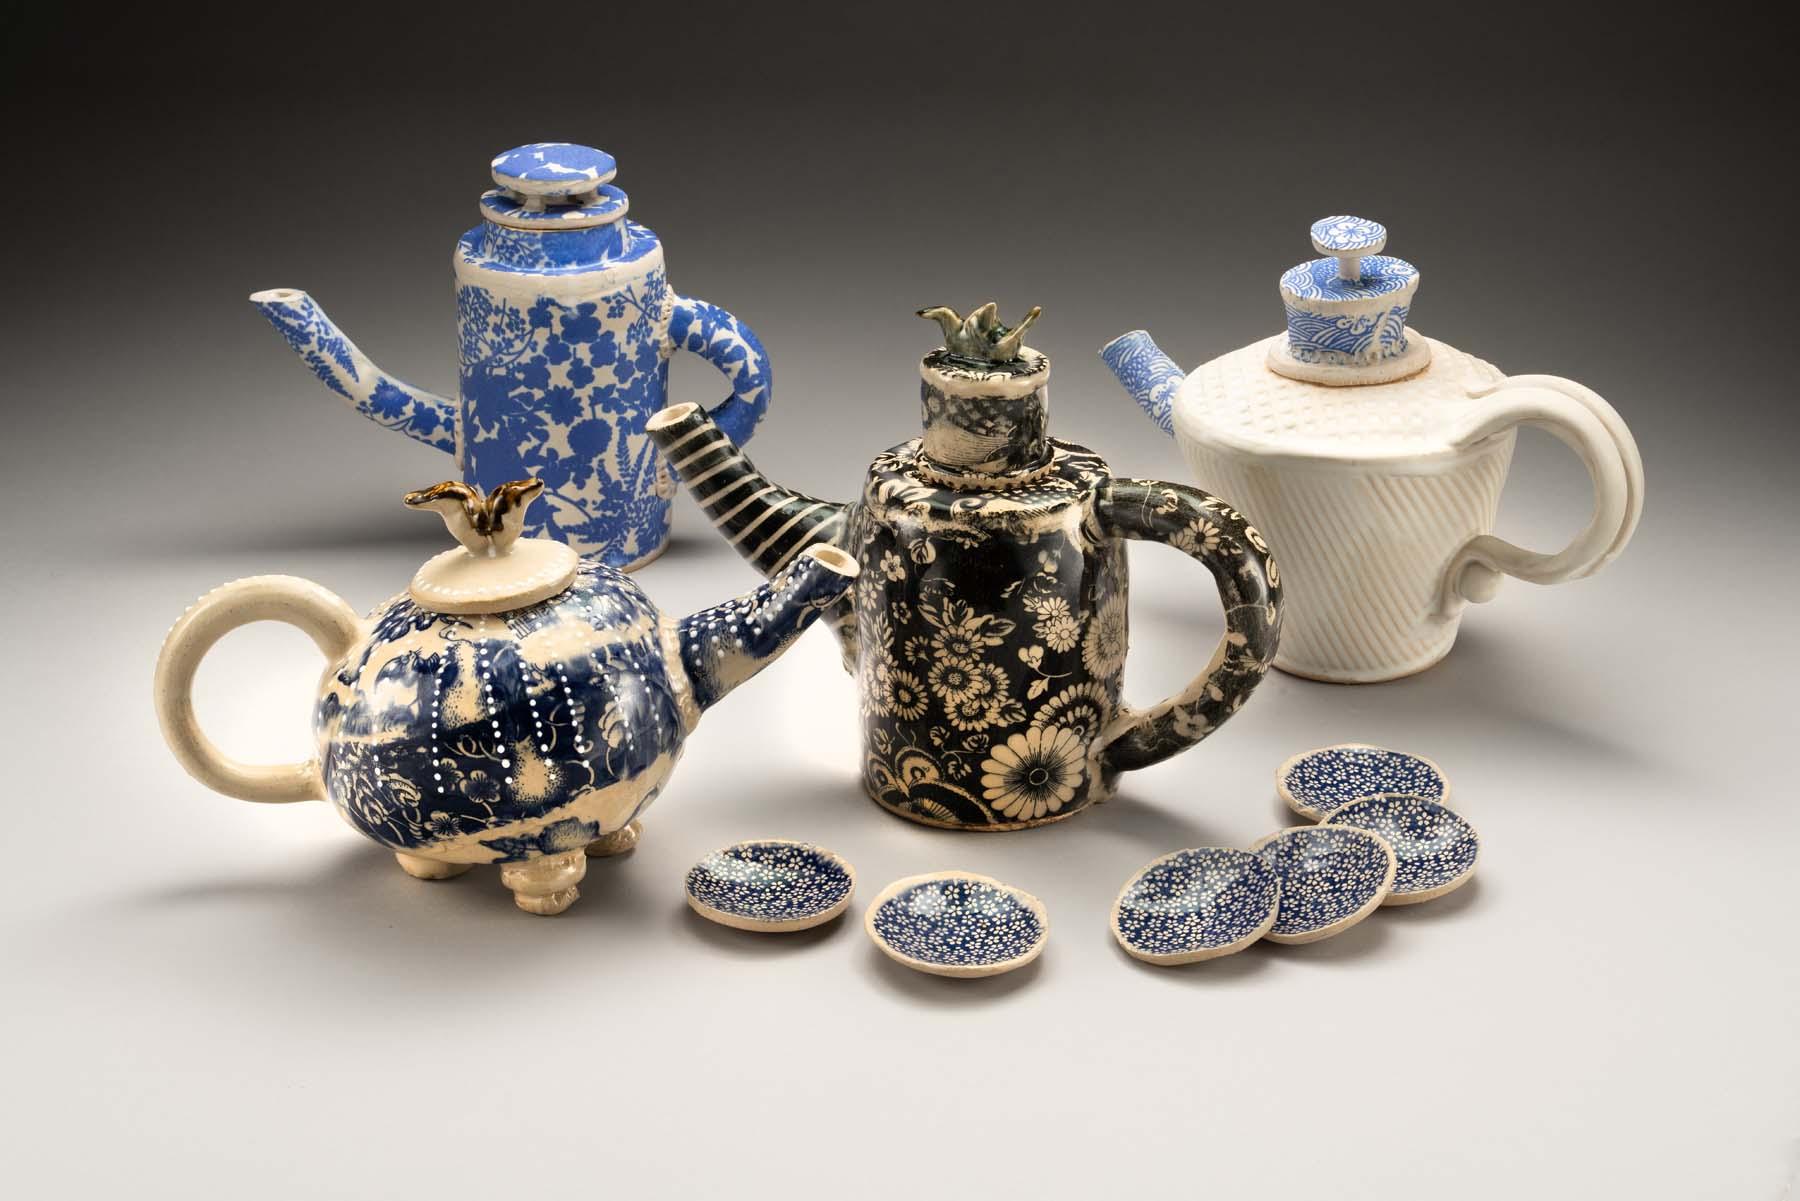 Tea Pots and Small Bowls